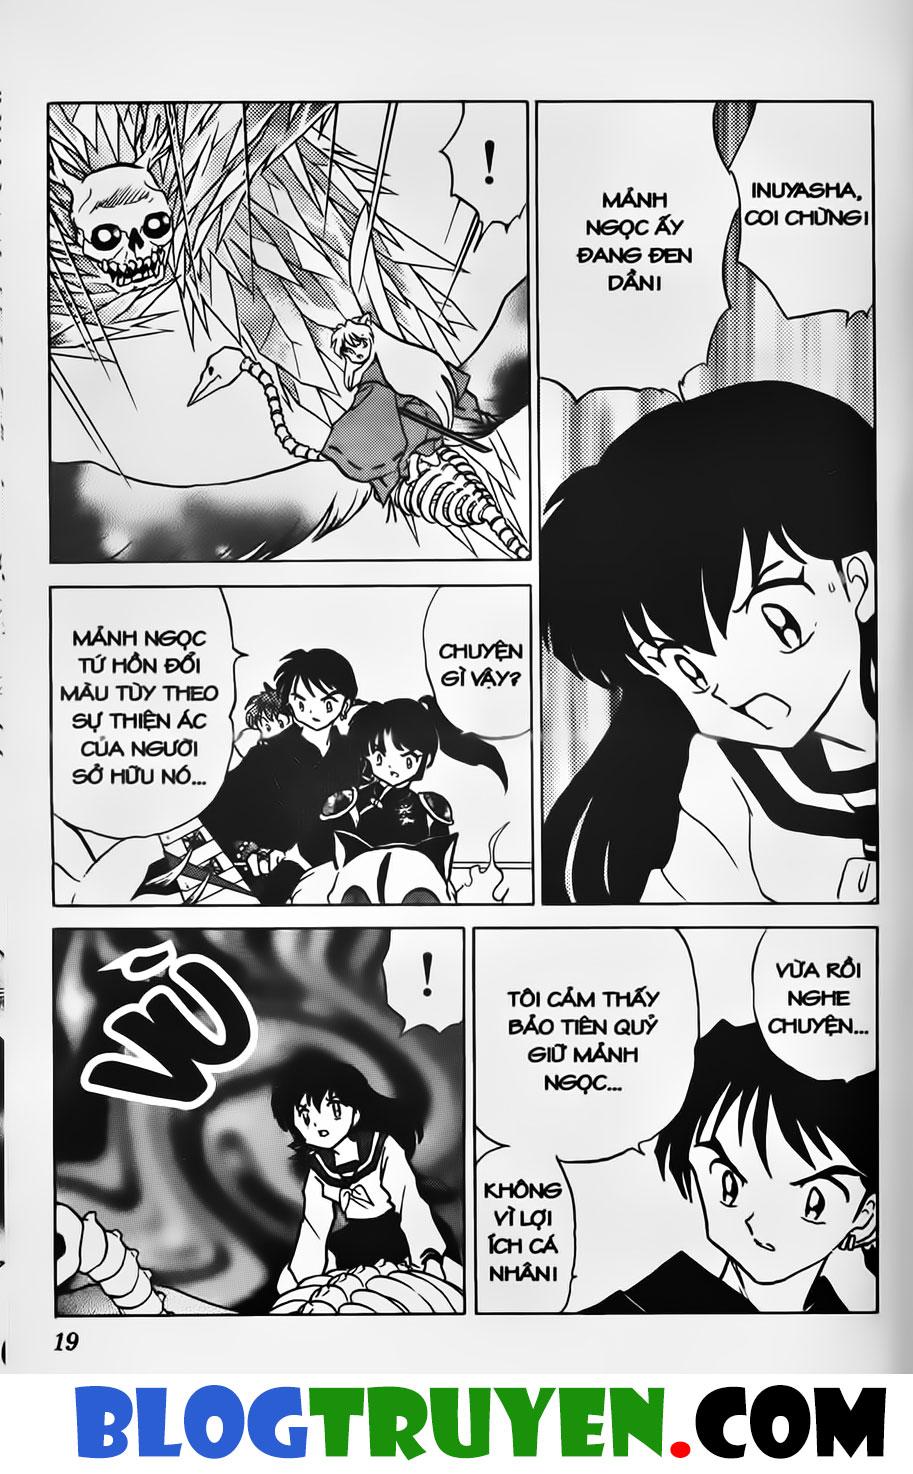 Inuyasha vol 33.1 trang 17